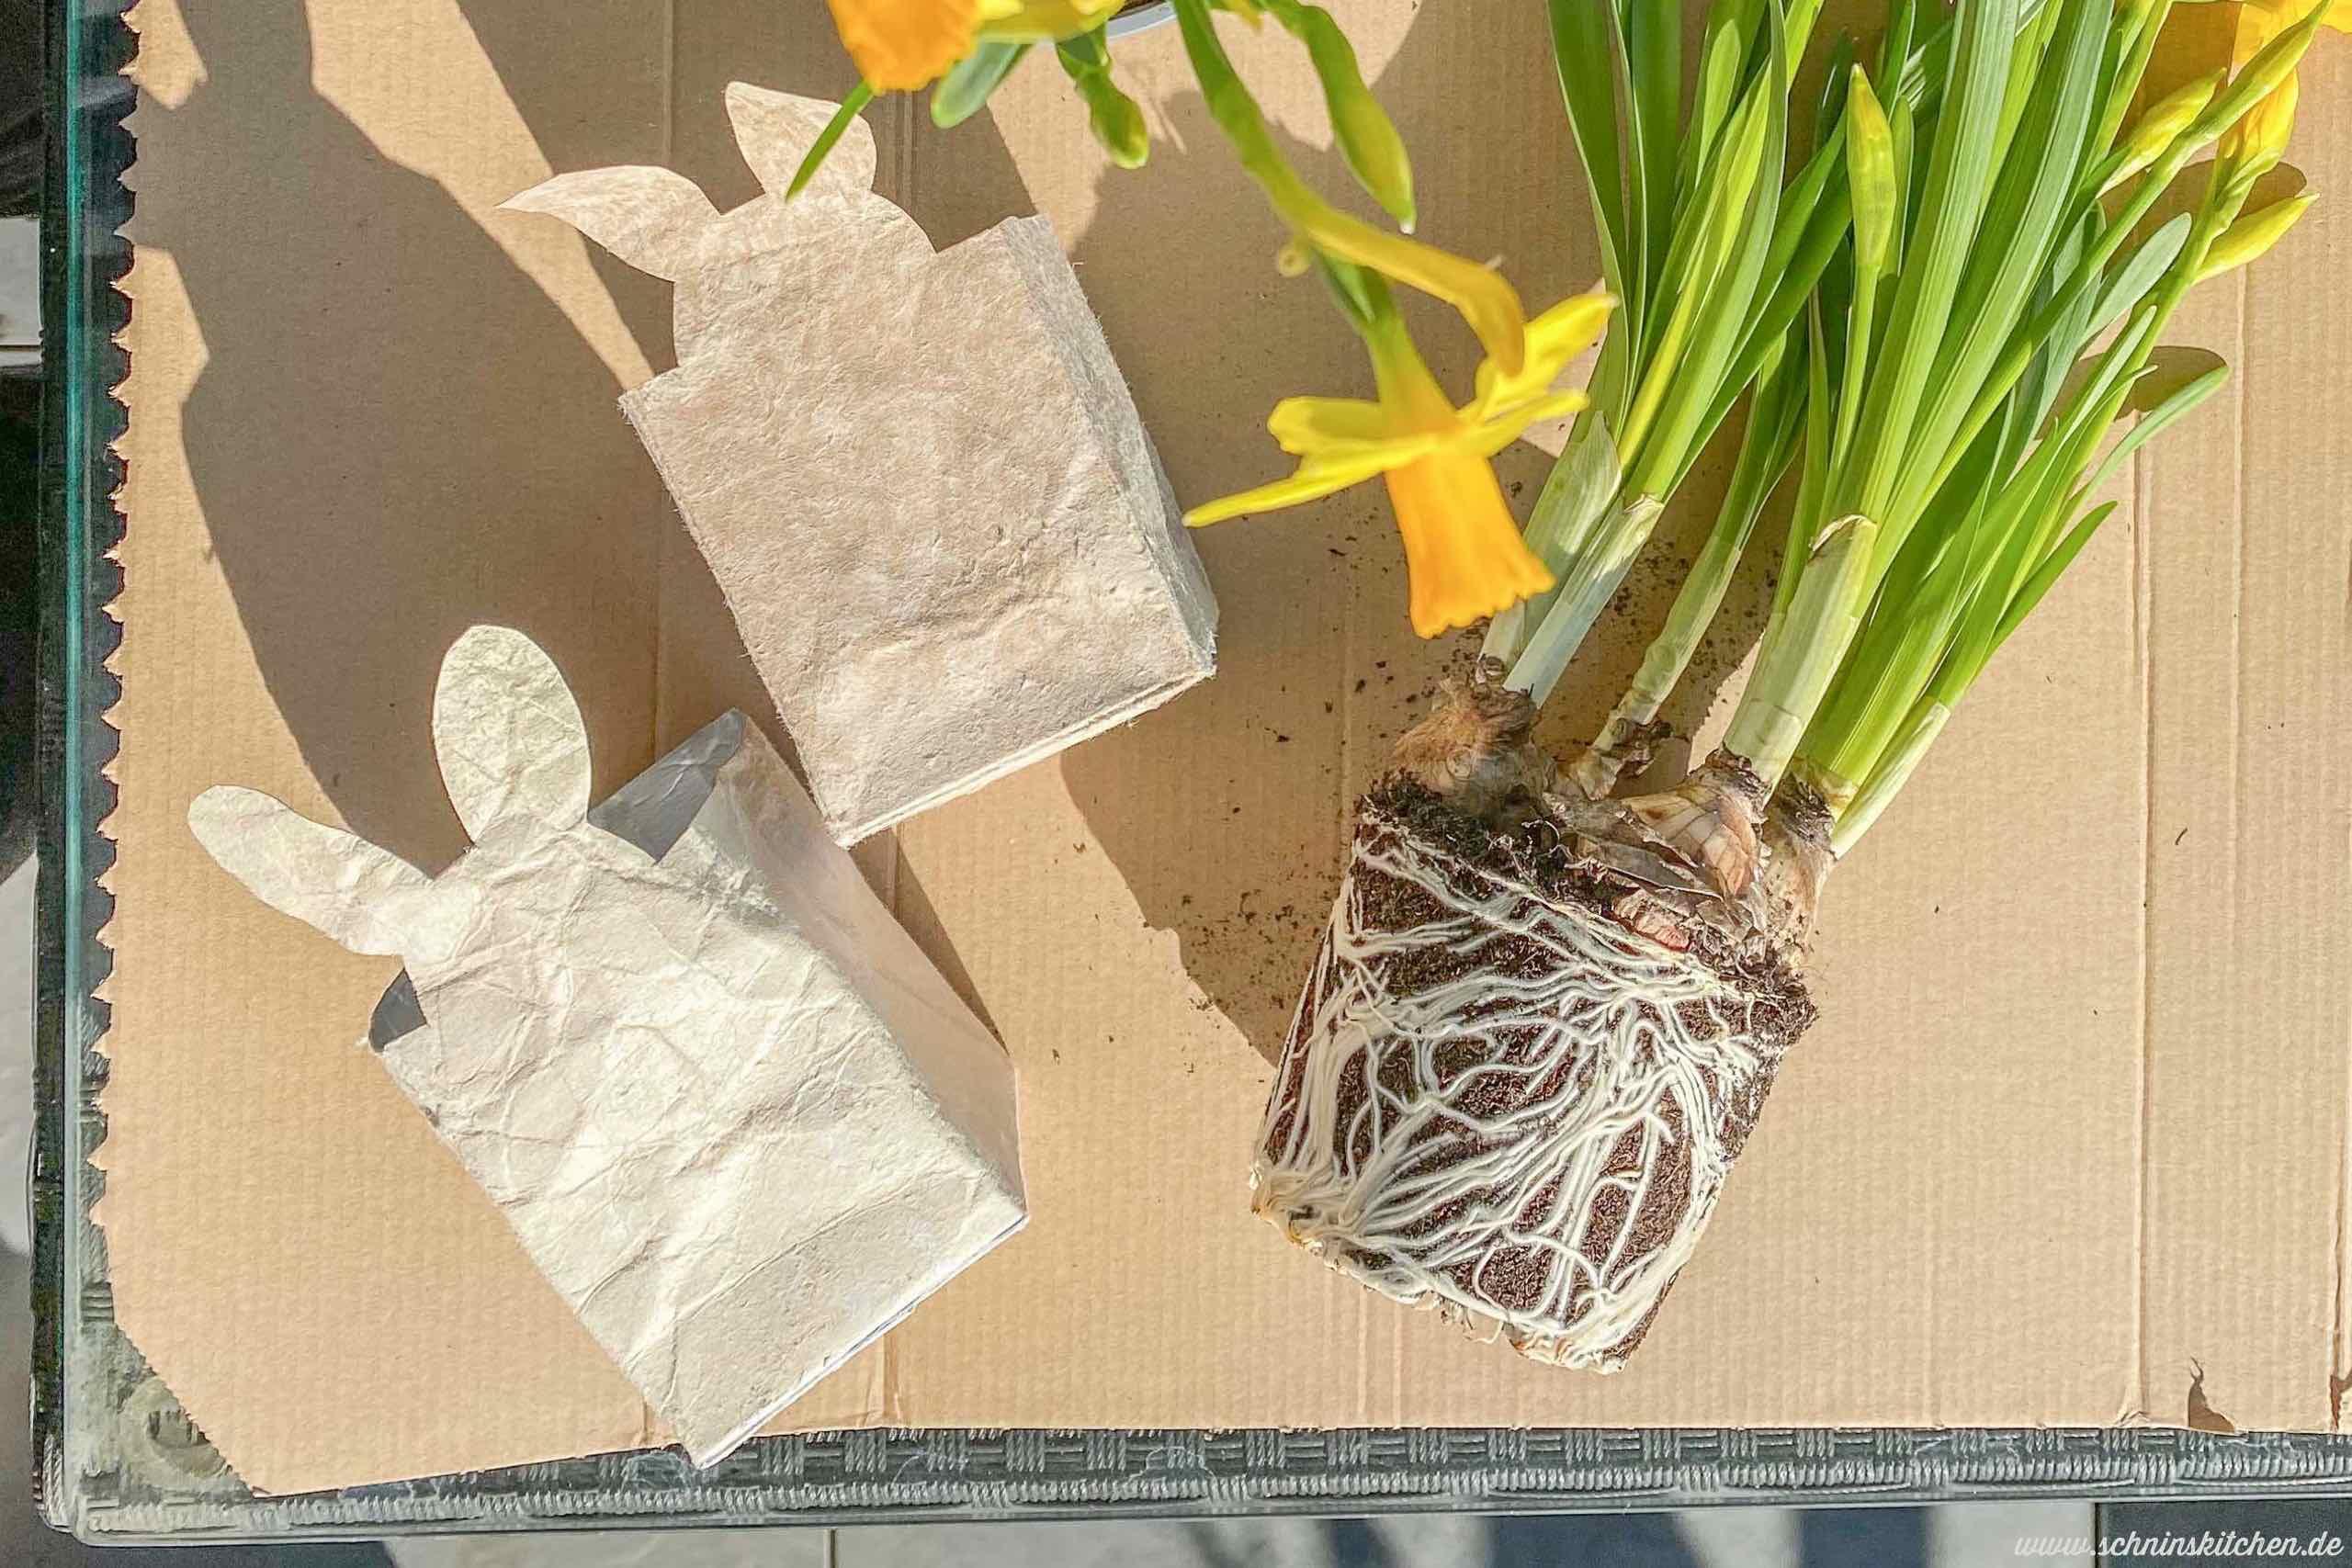 Osterhasenblumentopf aus Milchtüten basteln - Last Minute Upcycling DIY zu Ostern - als Pflanztopf oder Tischdeko, Osterkörbchen, Osternest oder kleines Ostergeschenk | www.schninskitchen.de